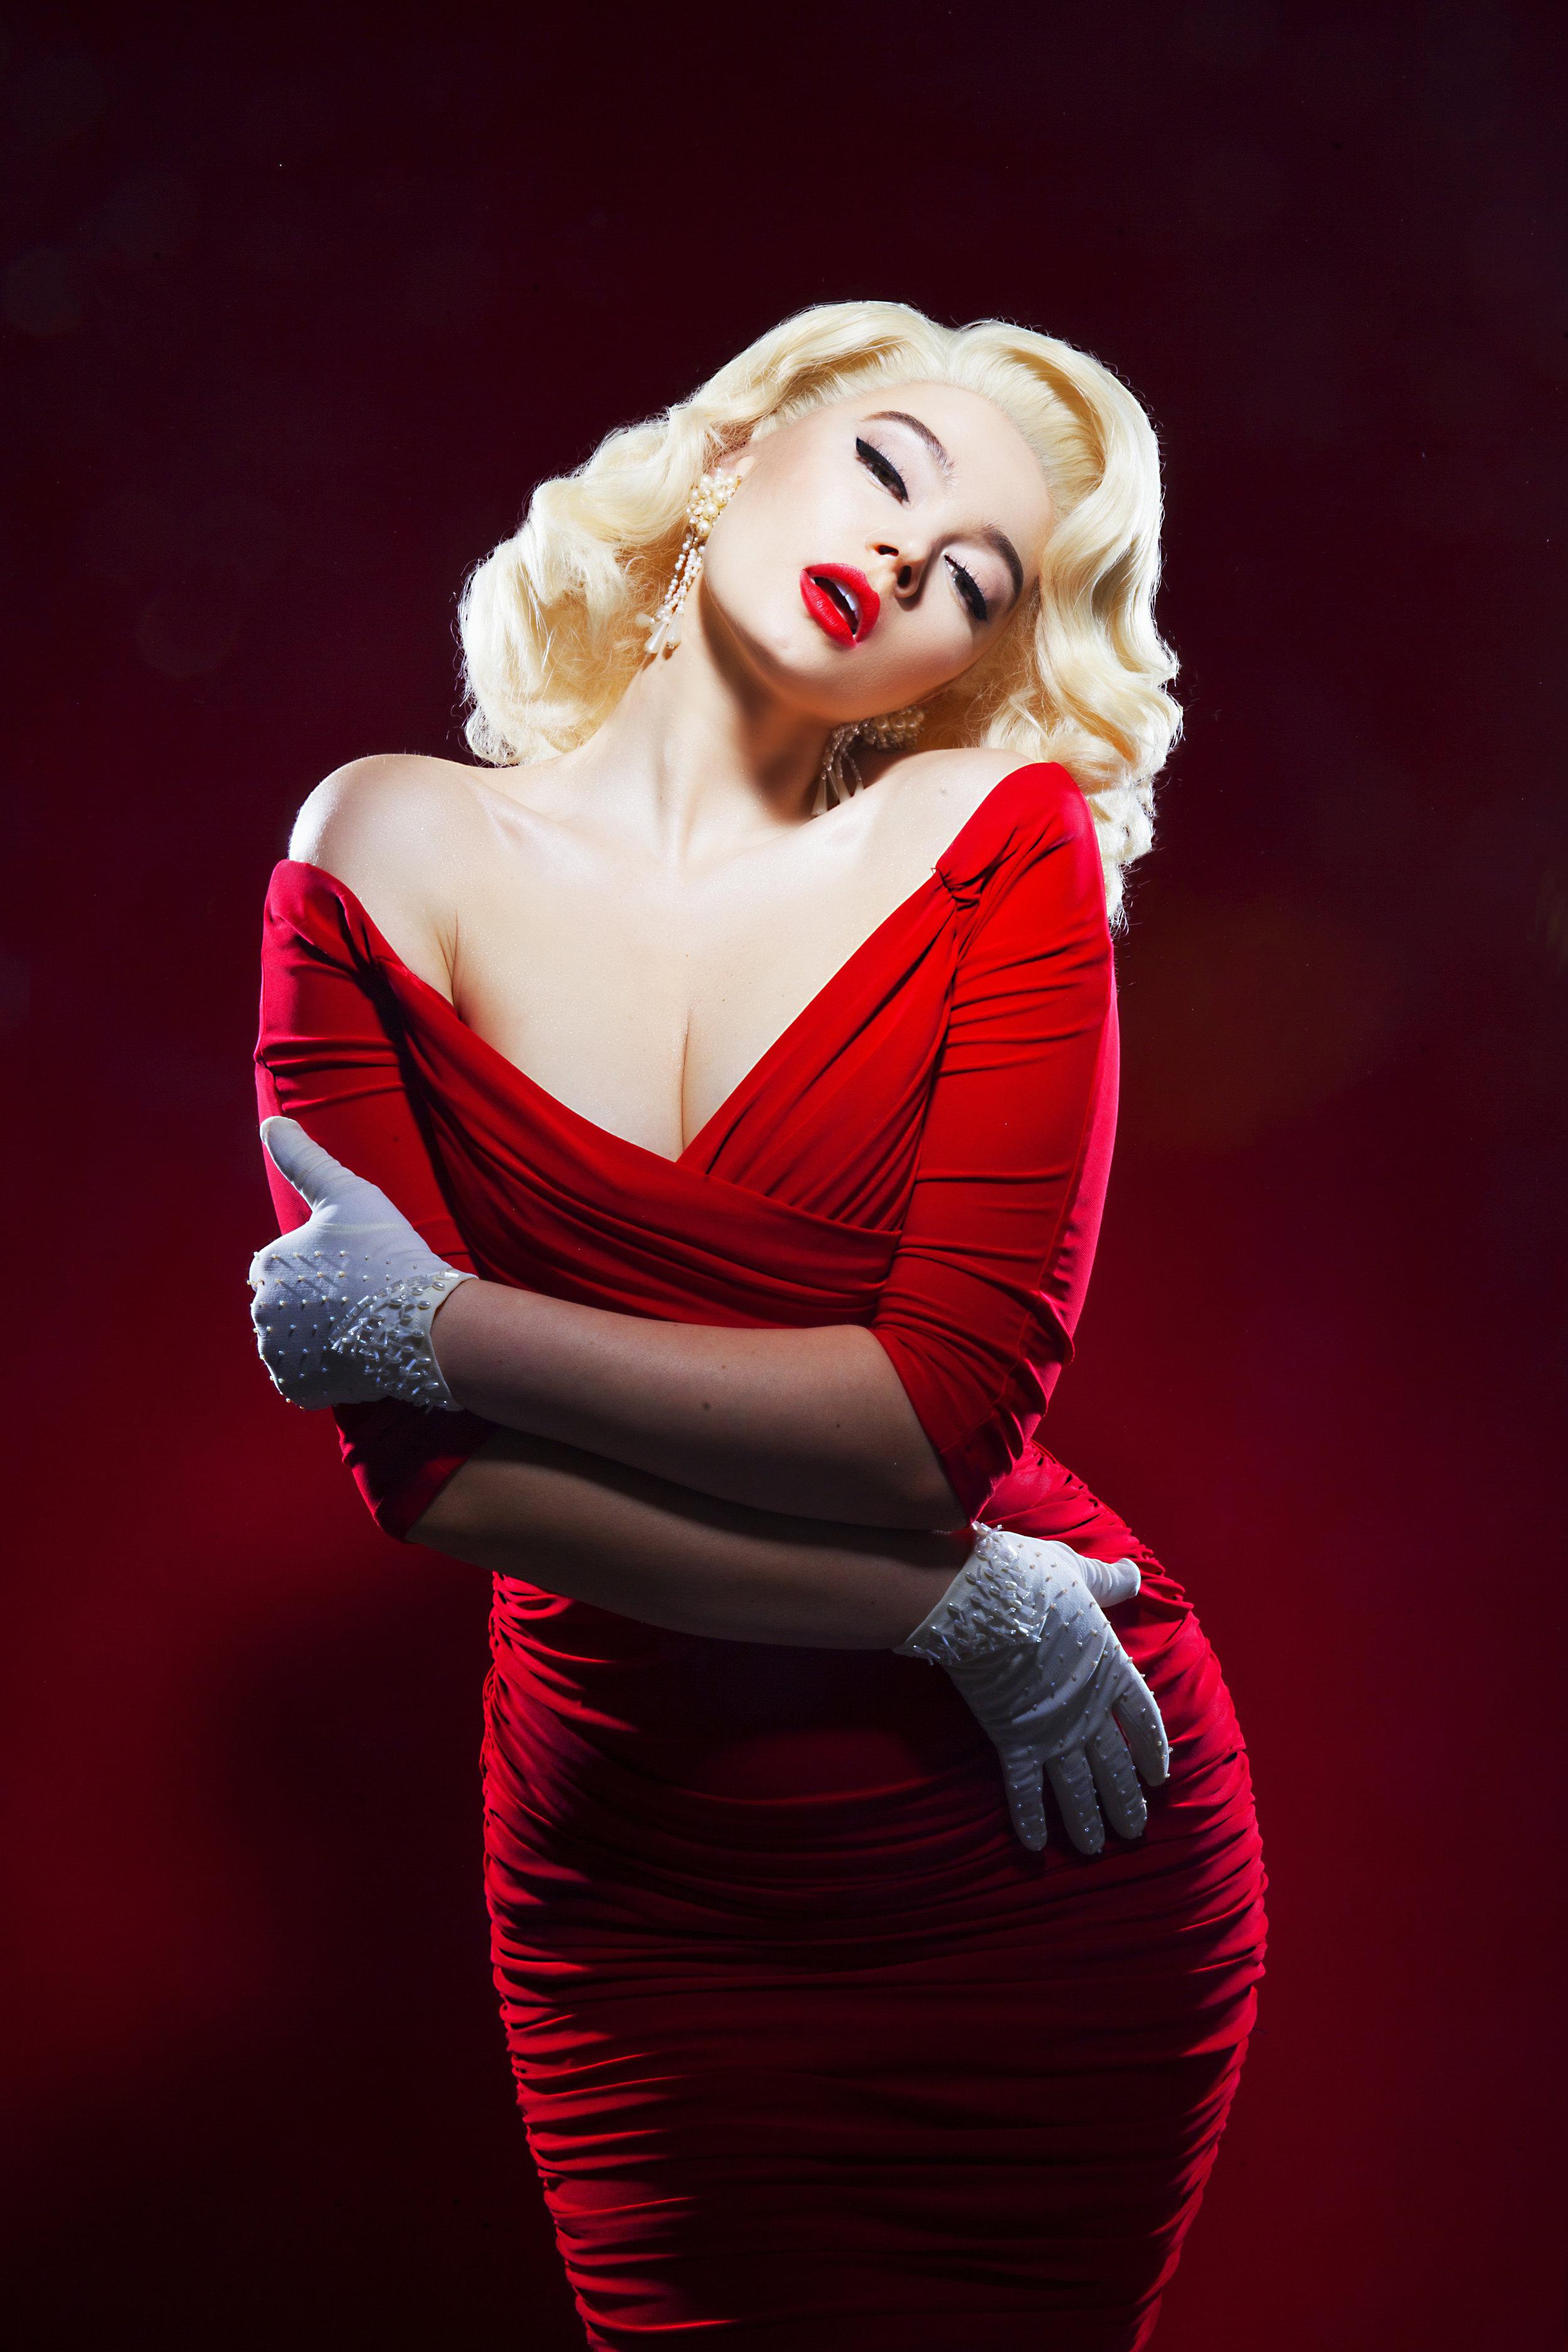 Khrystyana-red.jpg